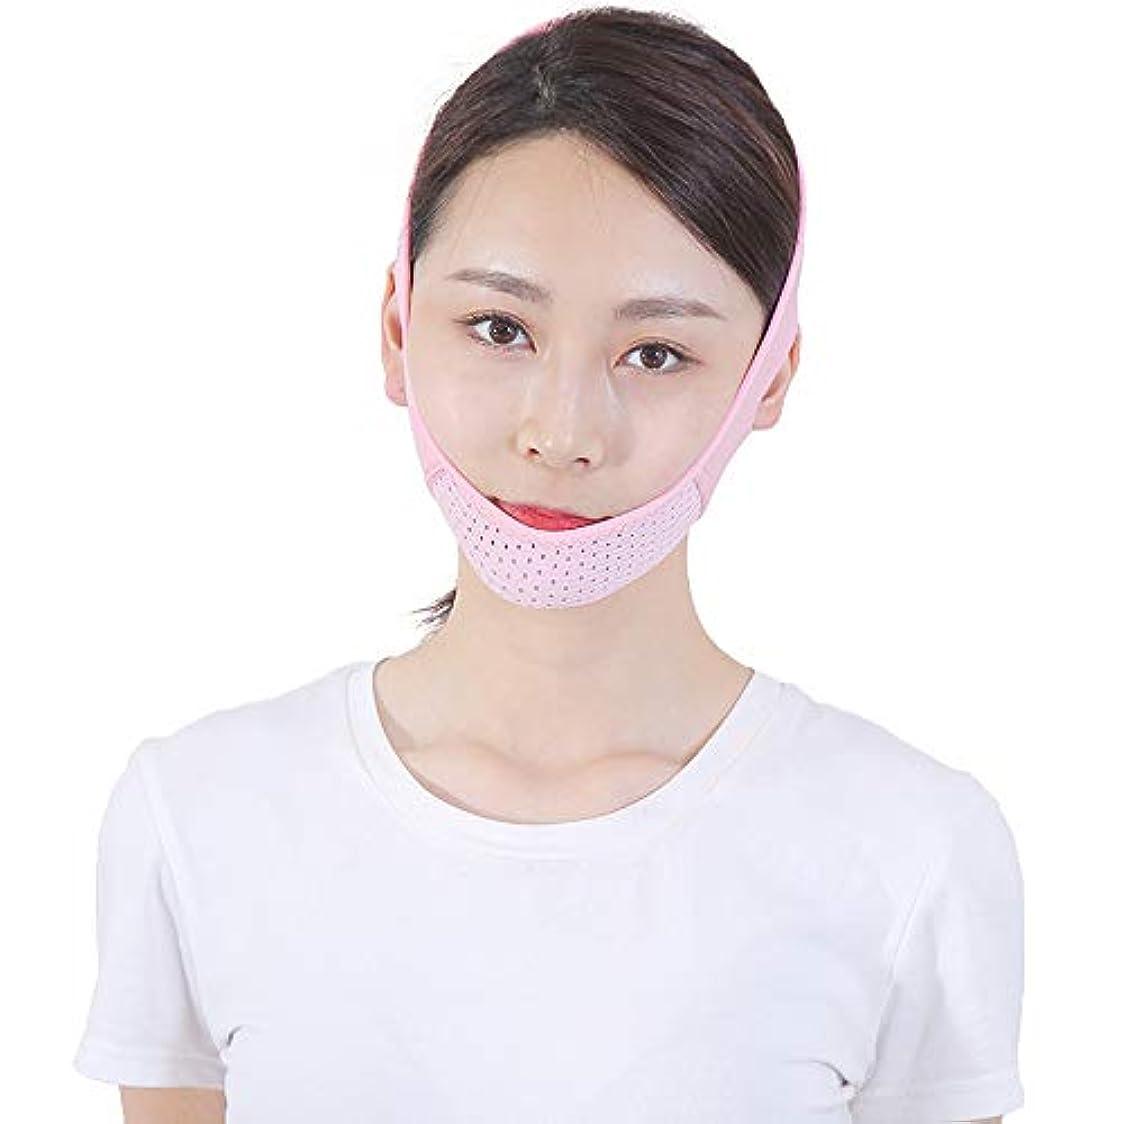 迷惑機構後Jia Jia- フェイシャルリフティング痩身ベルトフェイススリムゲットダブルチンアンチエイジングリンクルフェイスバンデージマスクシェイピングマスク顔を引き締めるダブルチンワークアウト 顔面包帯